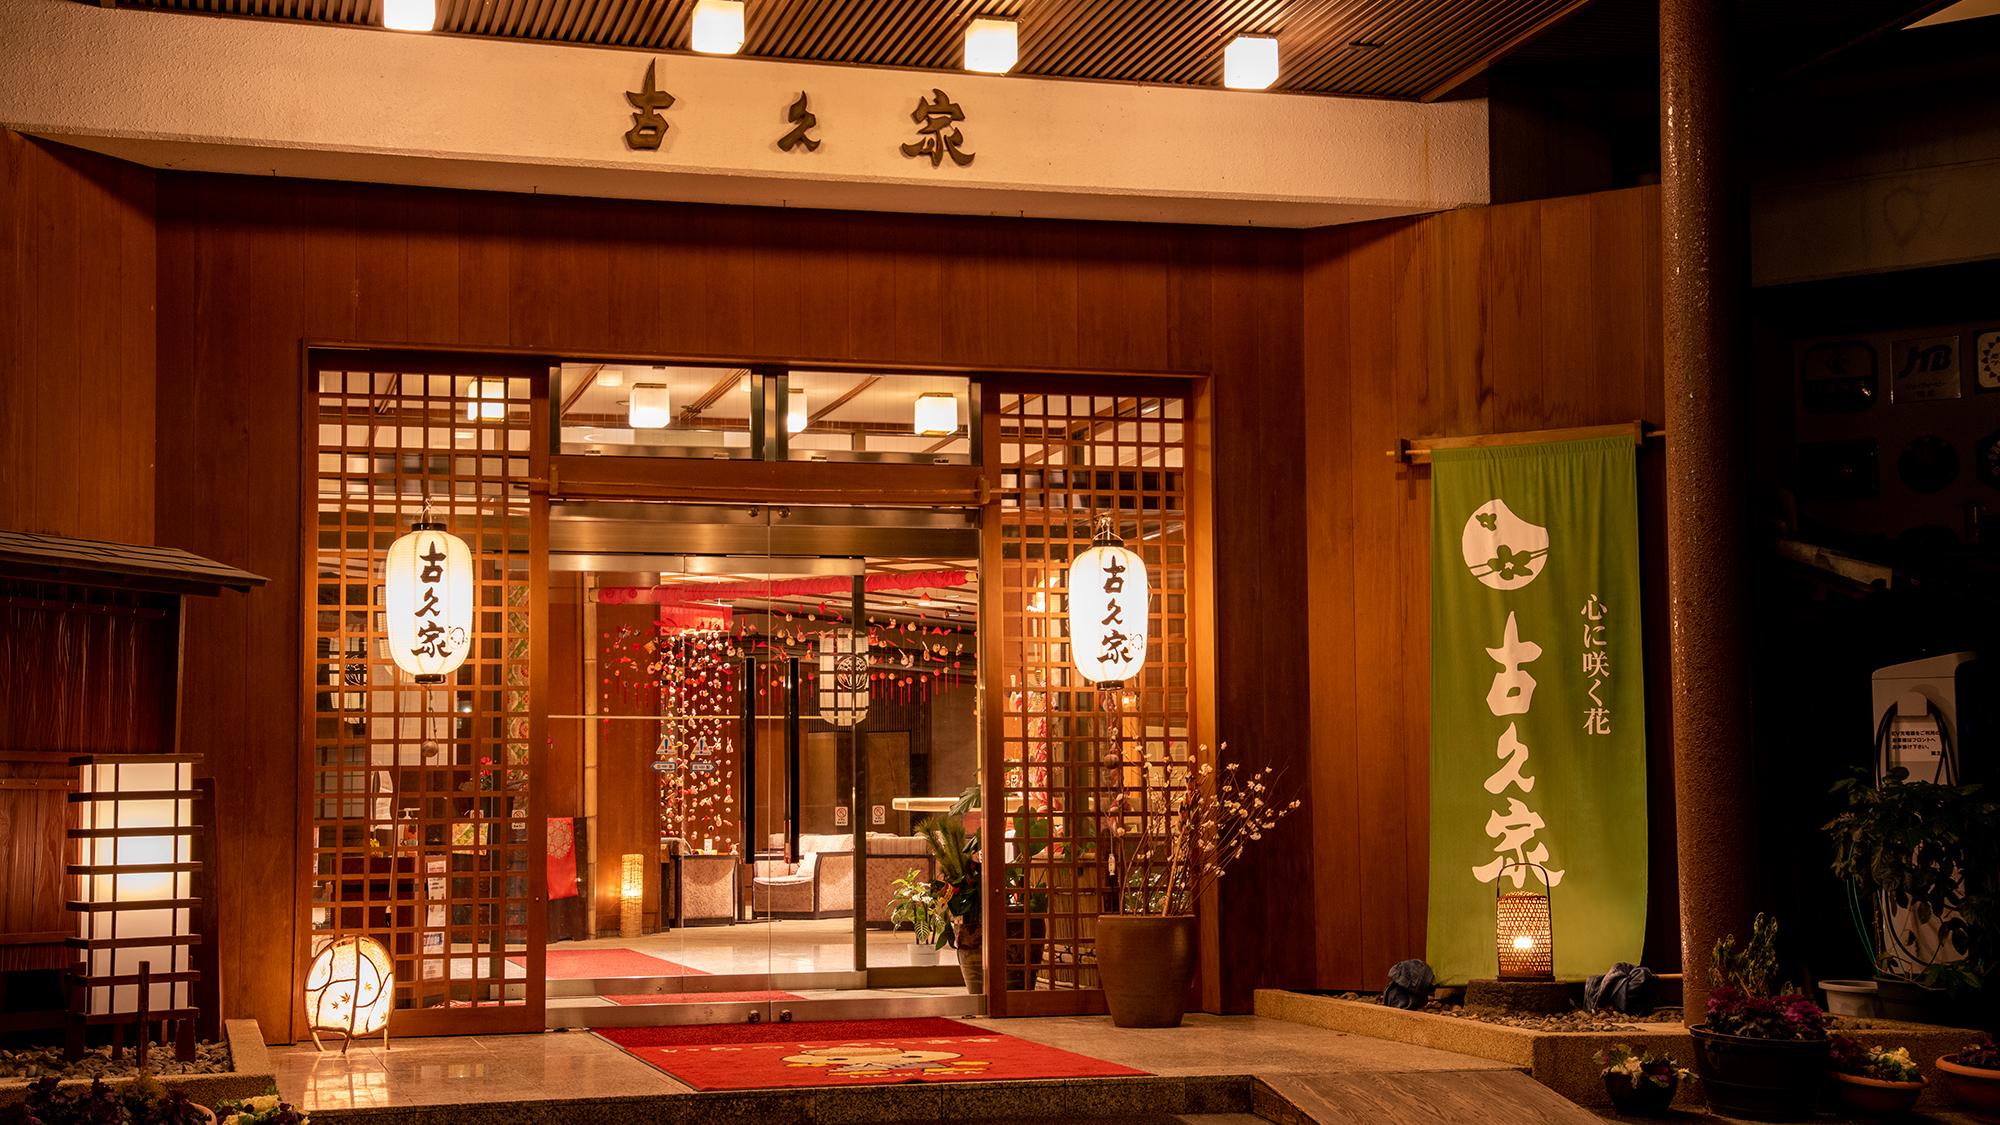 1月に伊香保温泉へ、黄金の湯が楽しめるおすすめの温泉宿を知りたい!